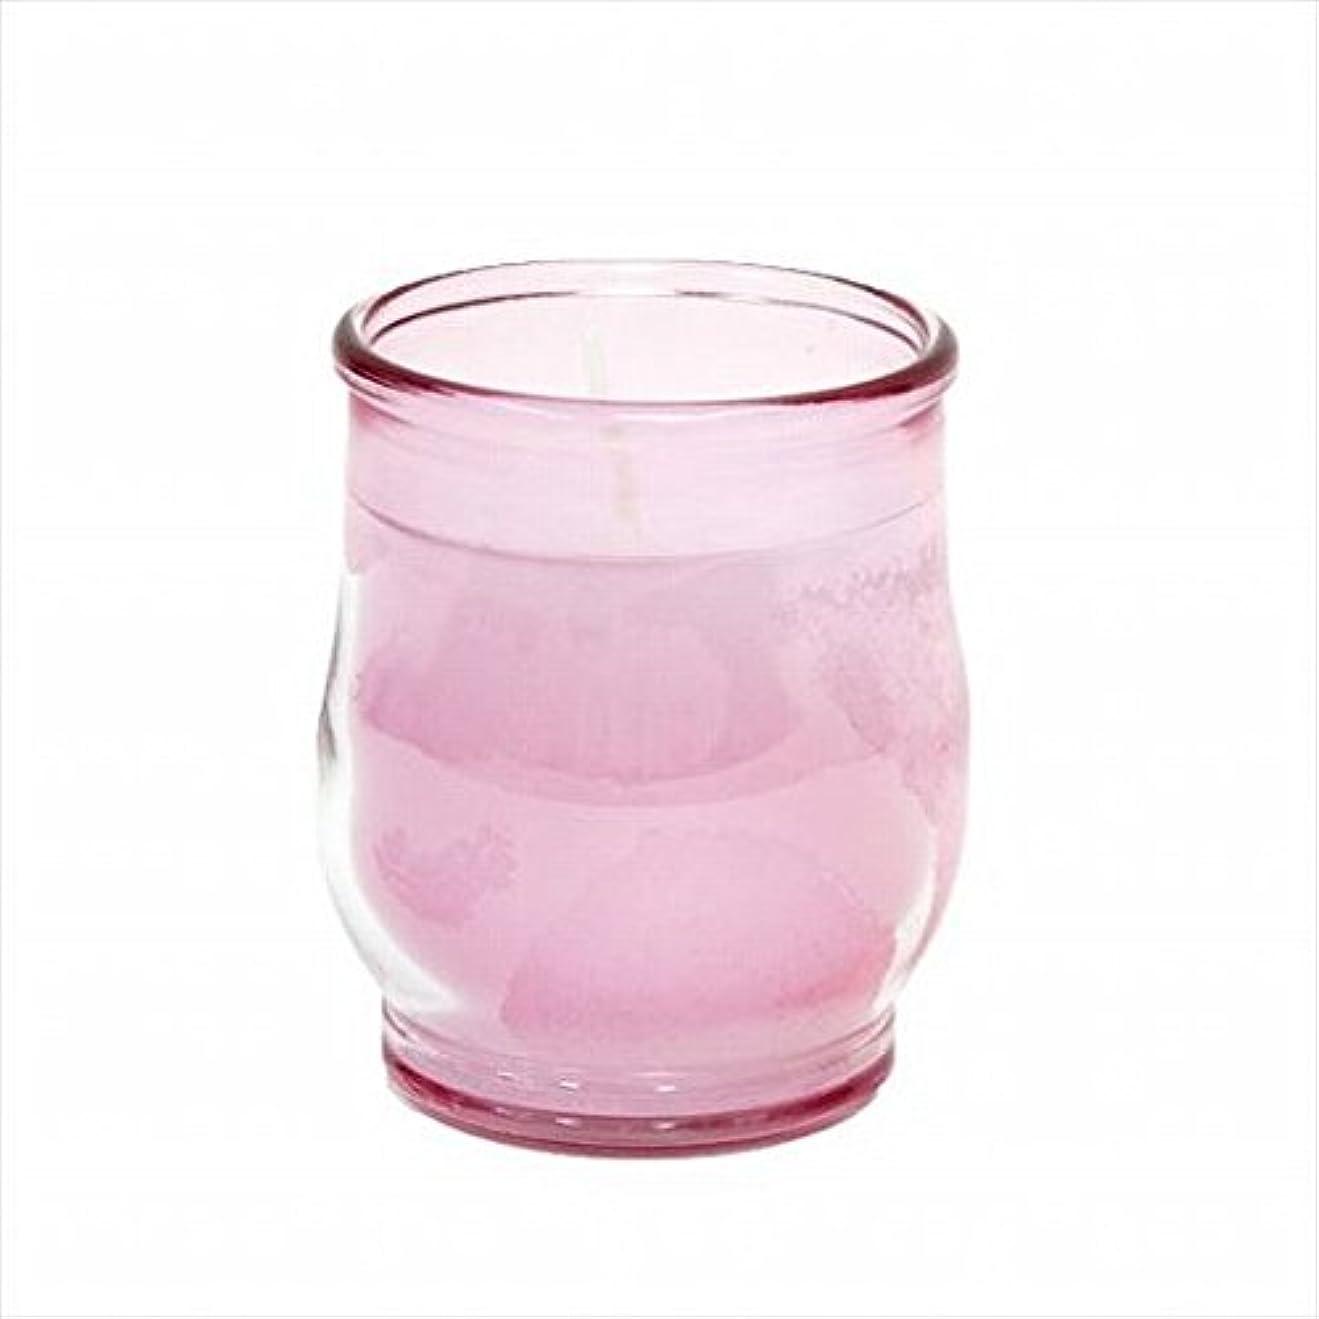 かなり思春期の可塑性kameyama candle(カメヤマキャンドル) ポシェ(非常用コップローソク) 「 ピンク(ライトカラー) 」 キャンドル 68x68x80mm (73020030P)